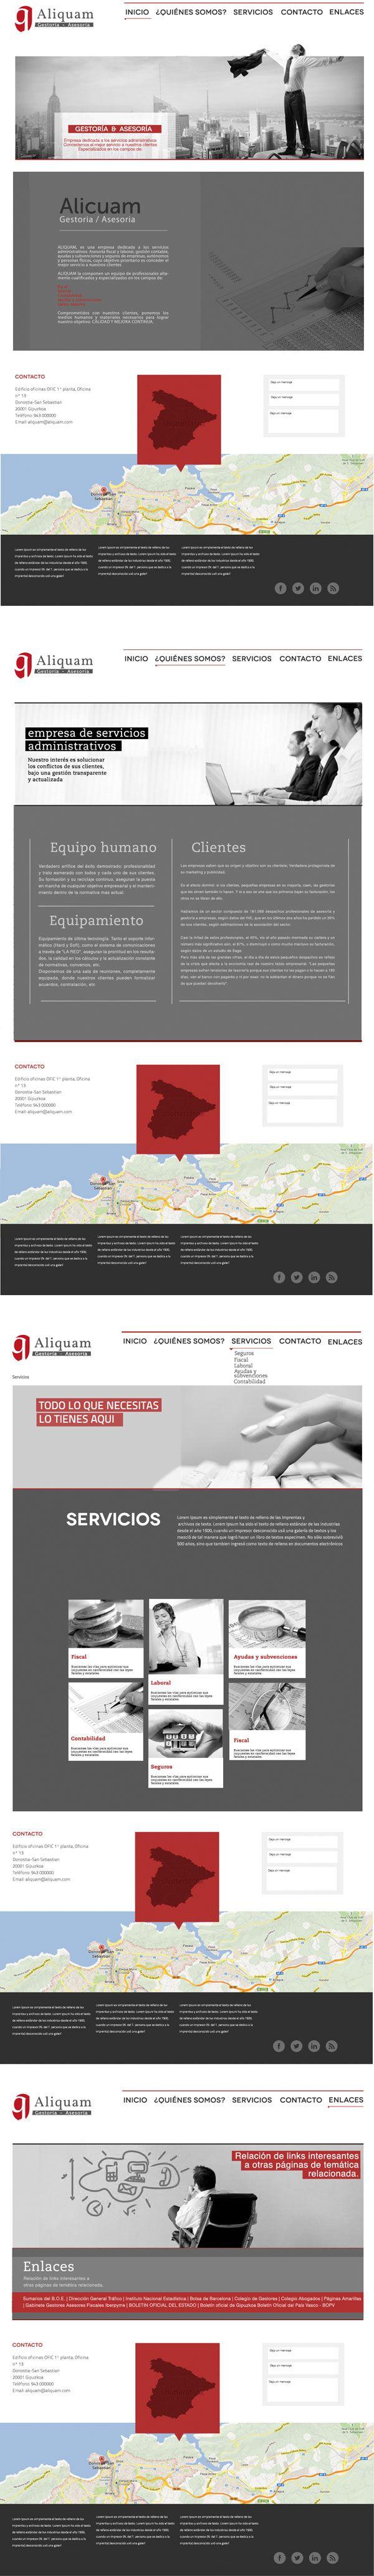 aliquam web design #web #design #gestoria #aliquam